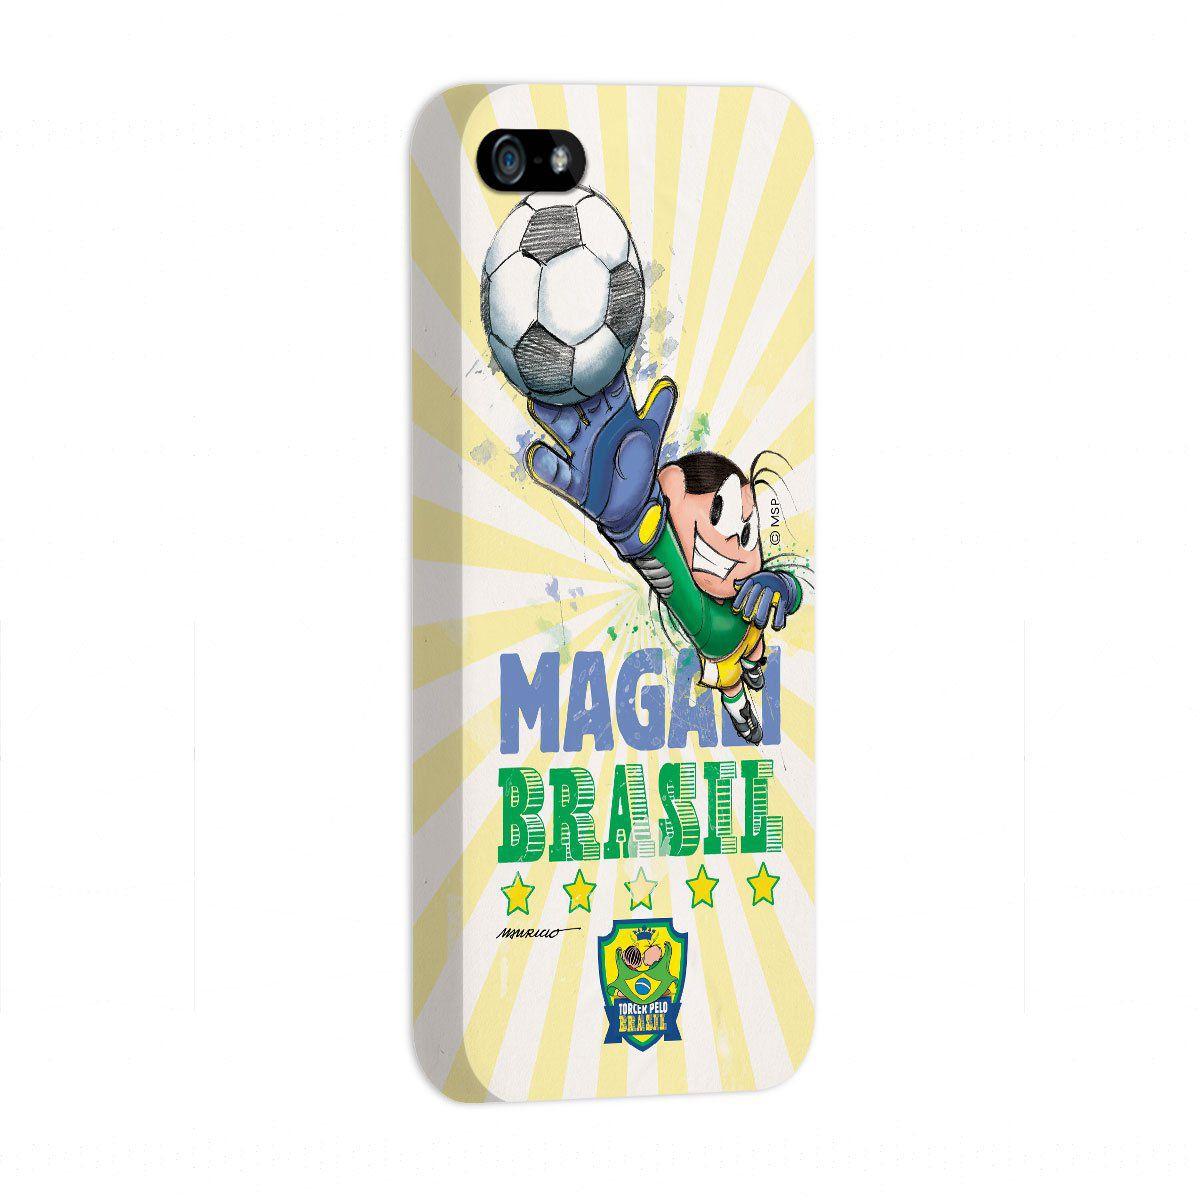 Capa de iPhone 5/5S Turma da Mônica Jogadora Magali 2